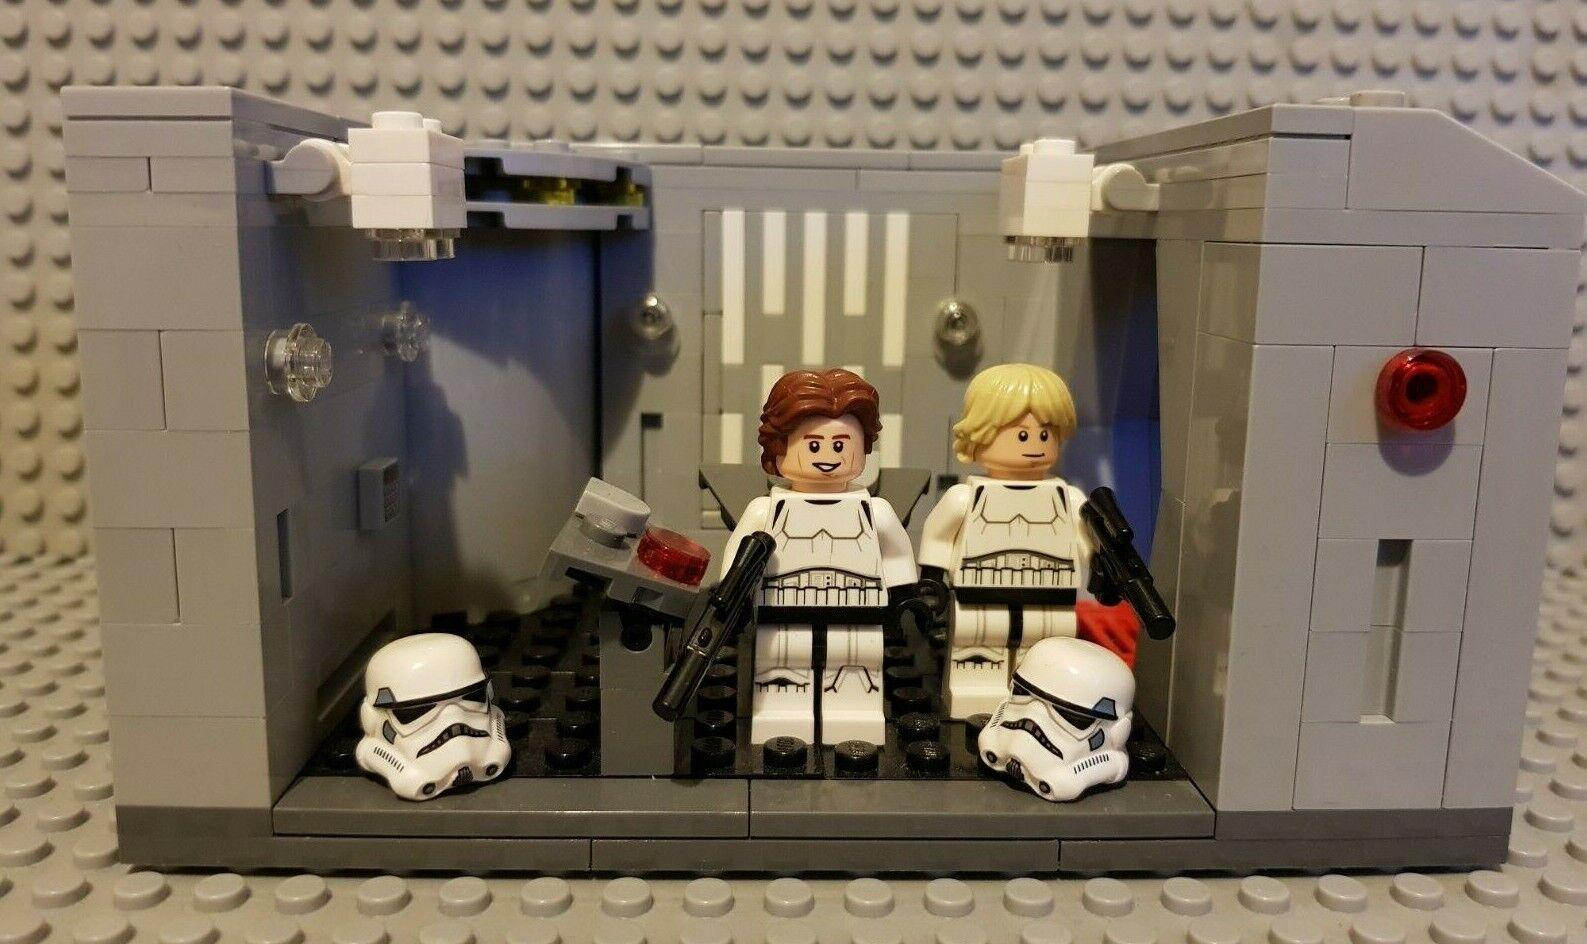 Lego Star Wars Celebration Detention Block Rescue Replica Genuine Lego Parts